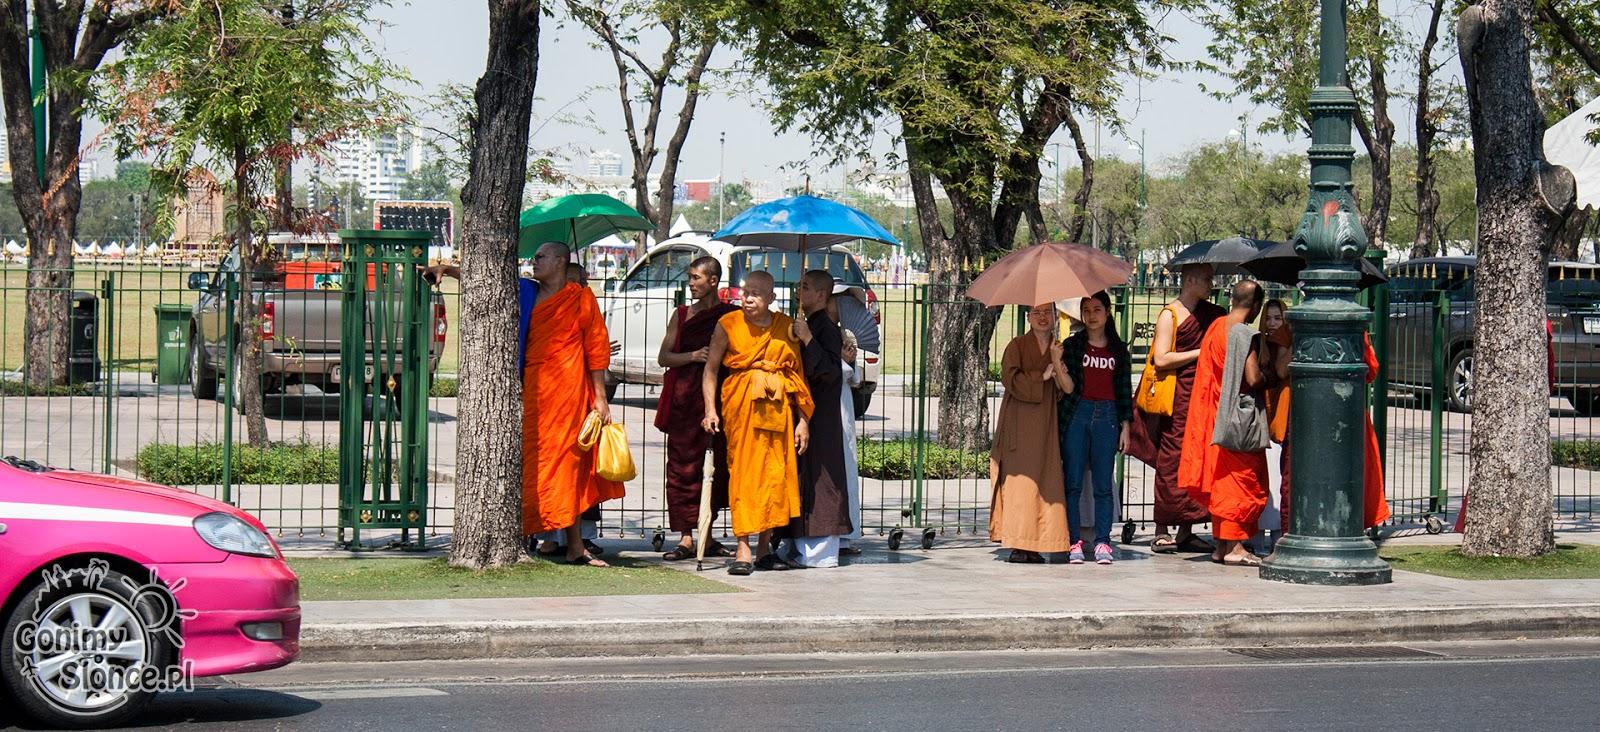 Mnisi i Mniszki na ulicy w Bangkoku, parasolki na słońce